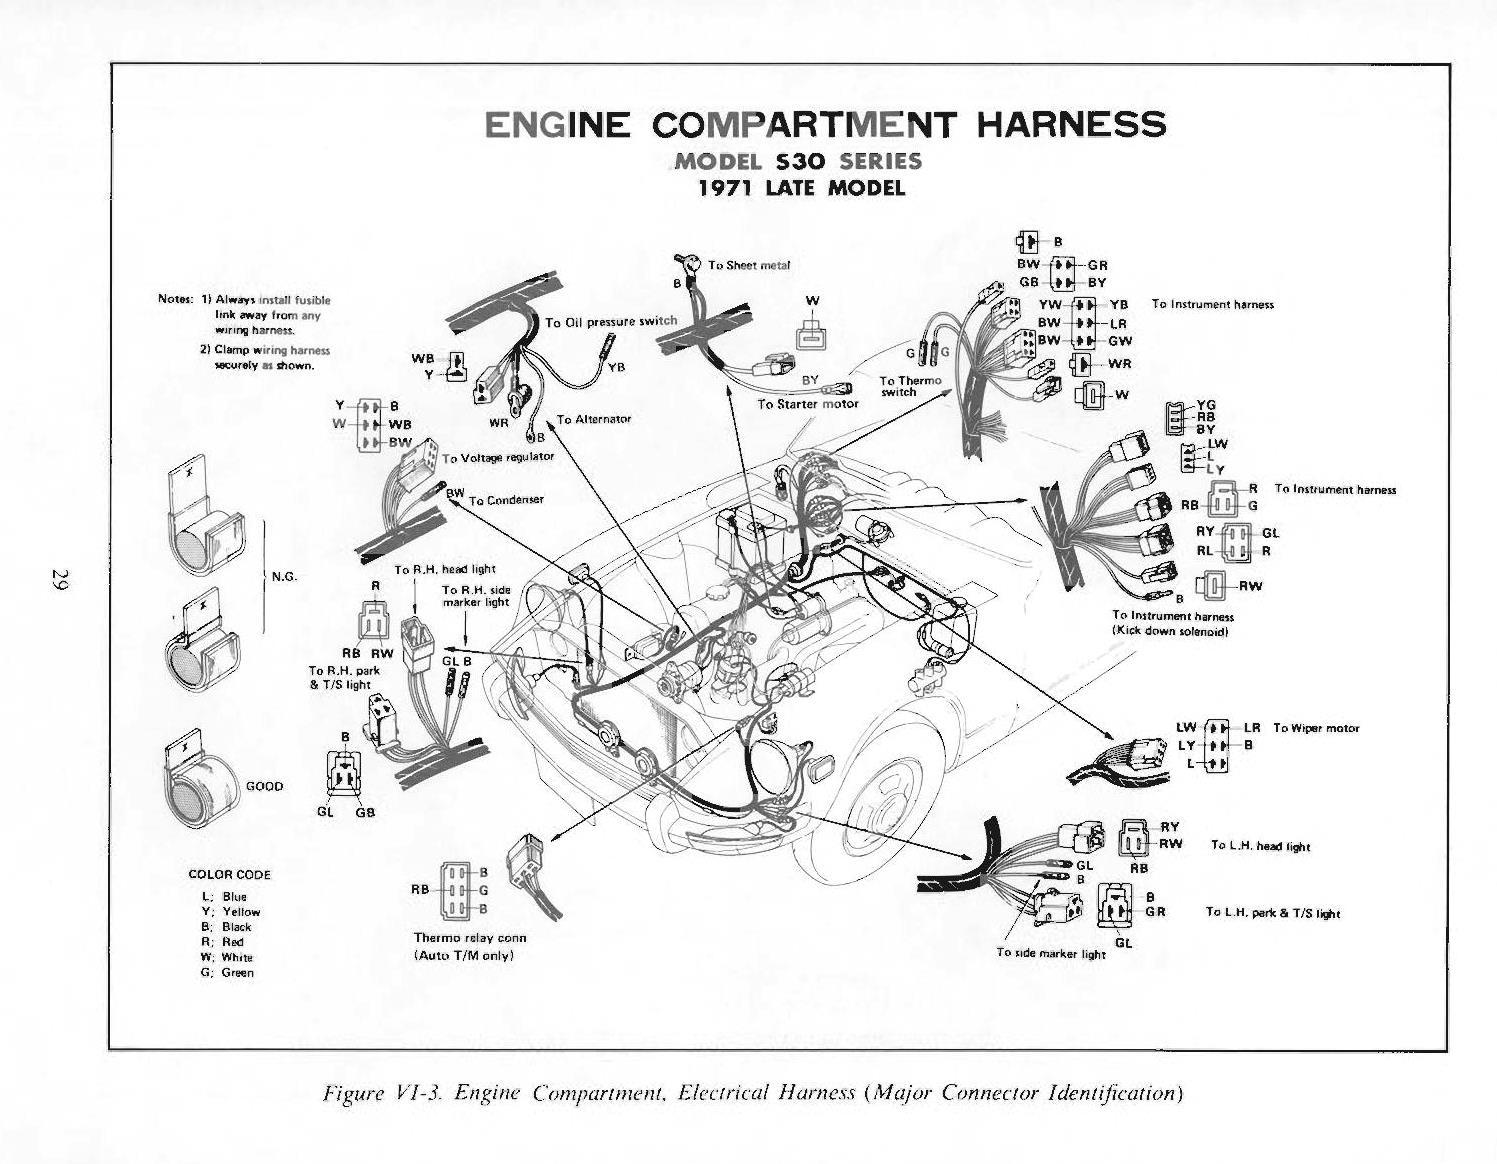 1971 240z wiring harness